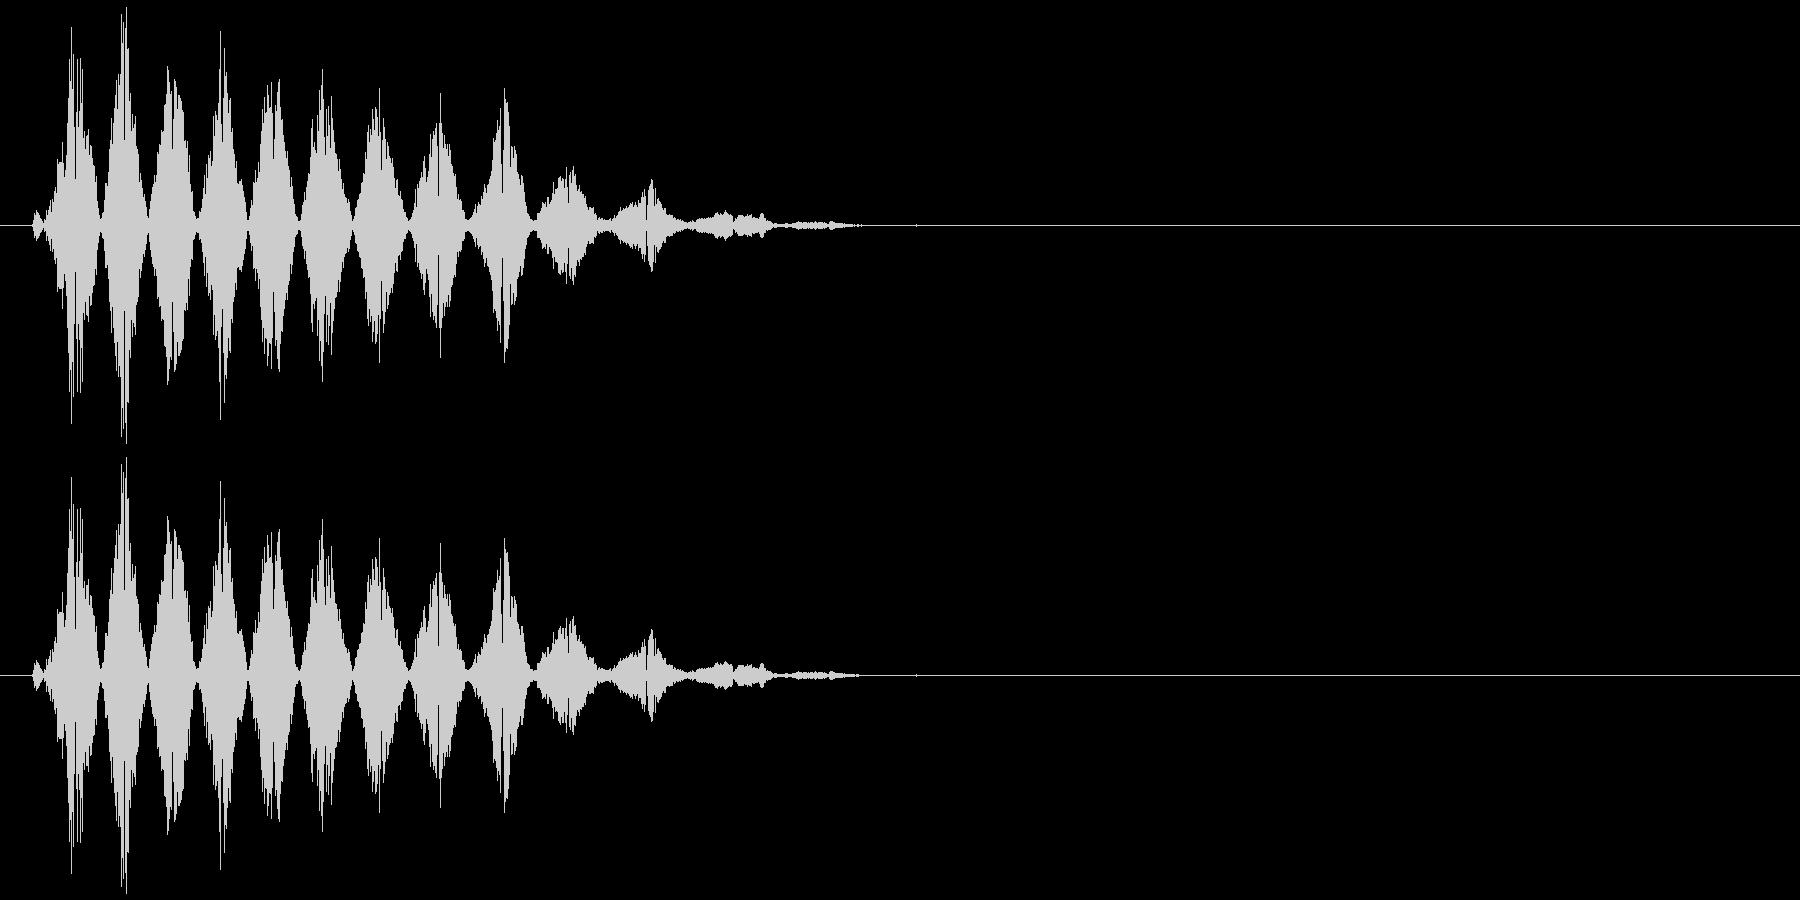 コミカルなおばけの声(ピッチ高)の未再生の波形